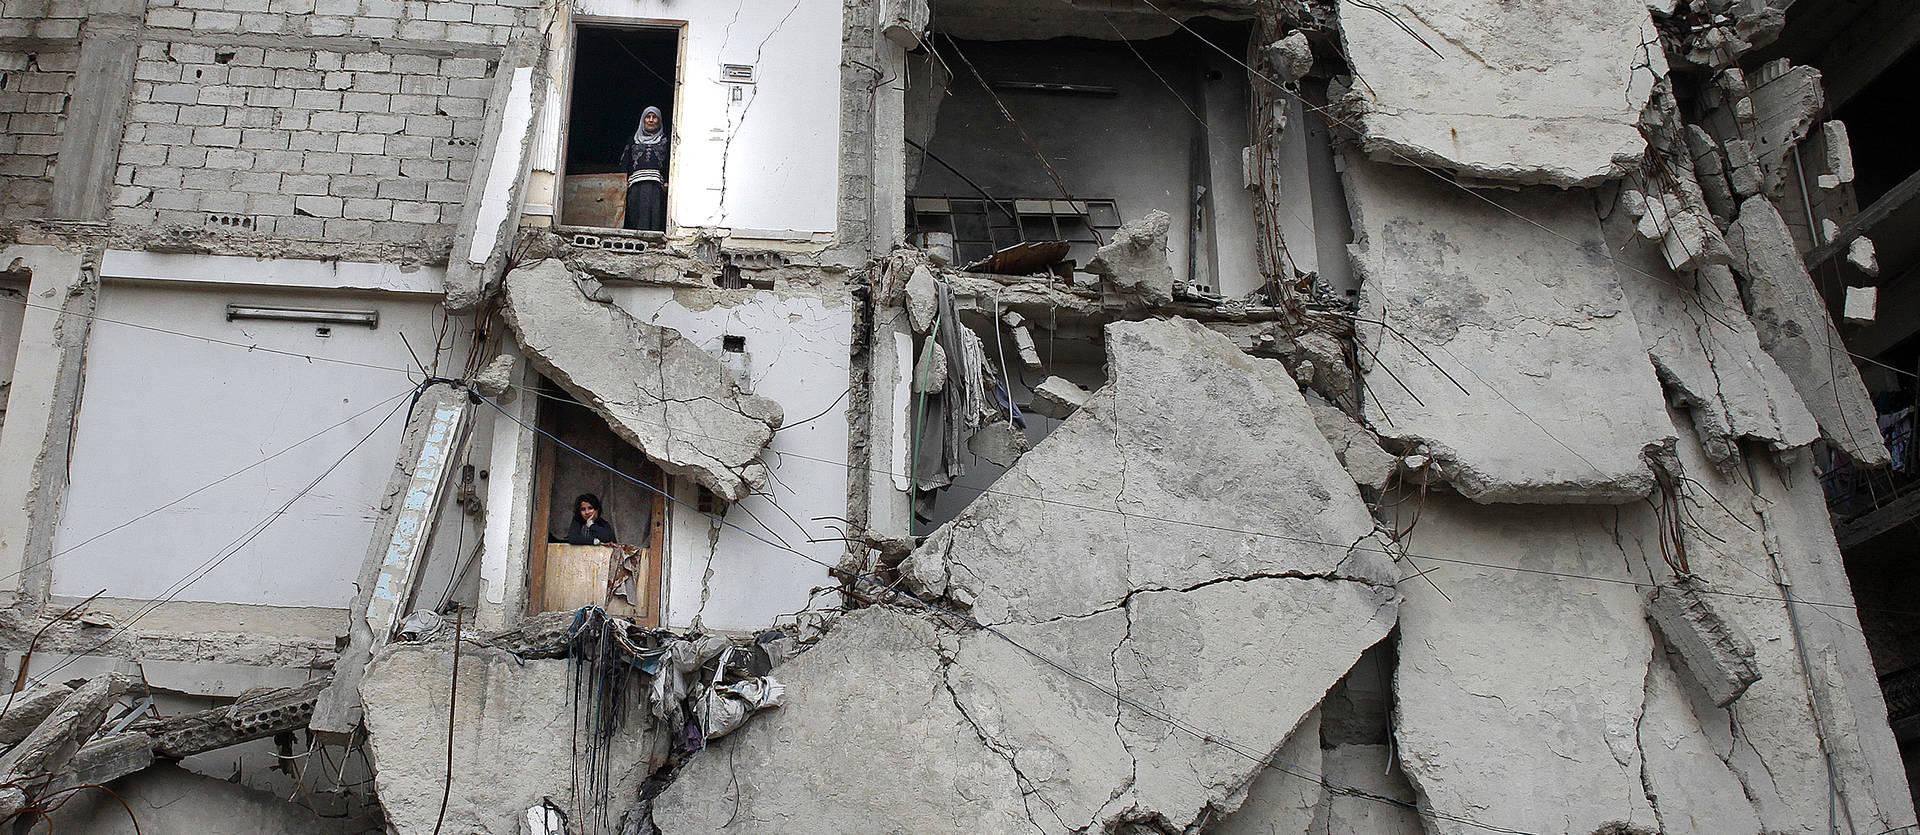 Foto de 13 de febrero de 2020. Dos vecinas se asoman por las puertas de sus casas en el edificio en el que viven en Ghouta, Damasco